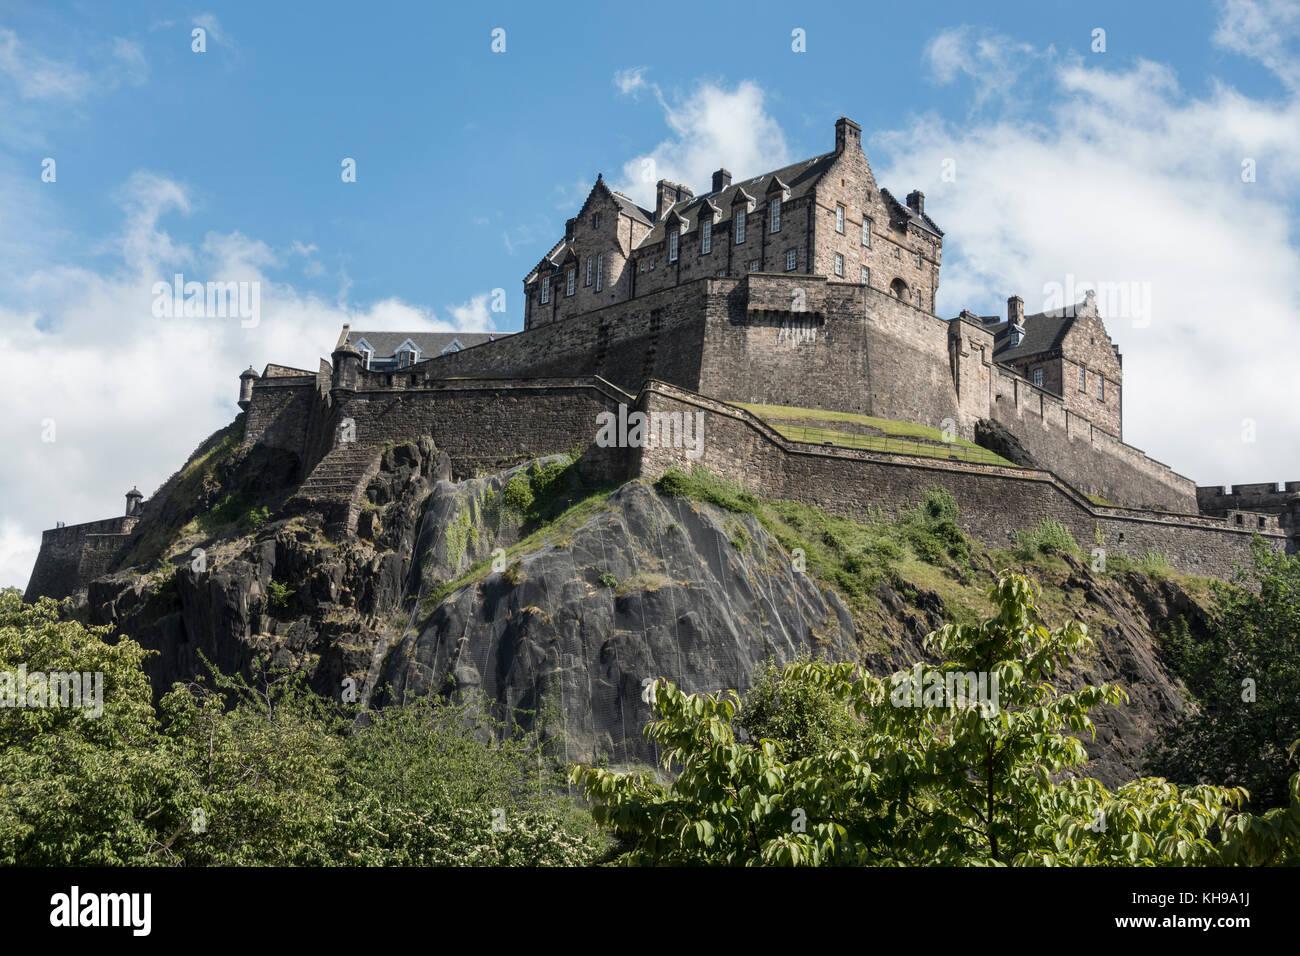 Le Château d'édimbourg une forteresse élevée sur l'Ecosse Edimbourg Castle Rock vu de Photo Stock